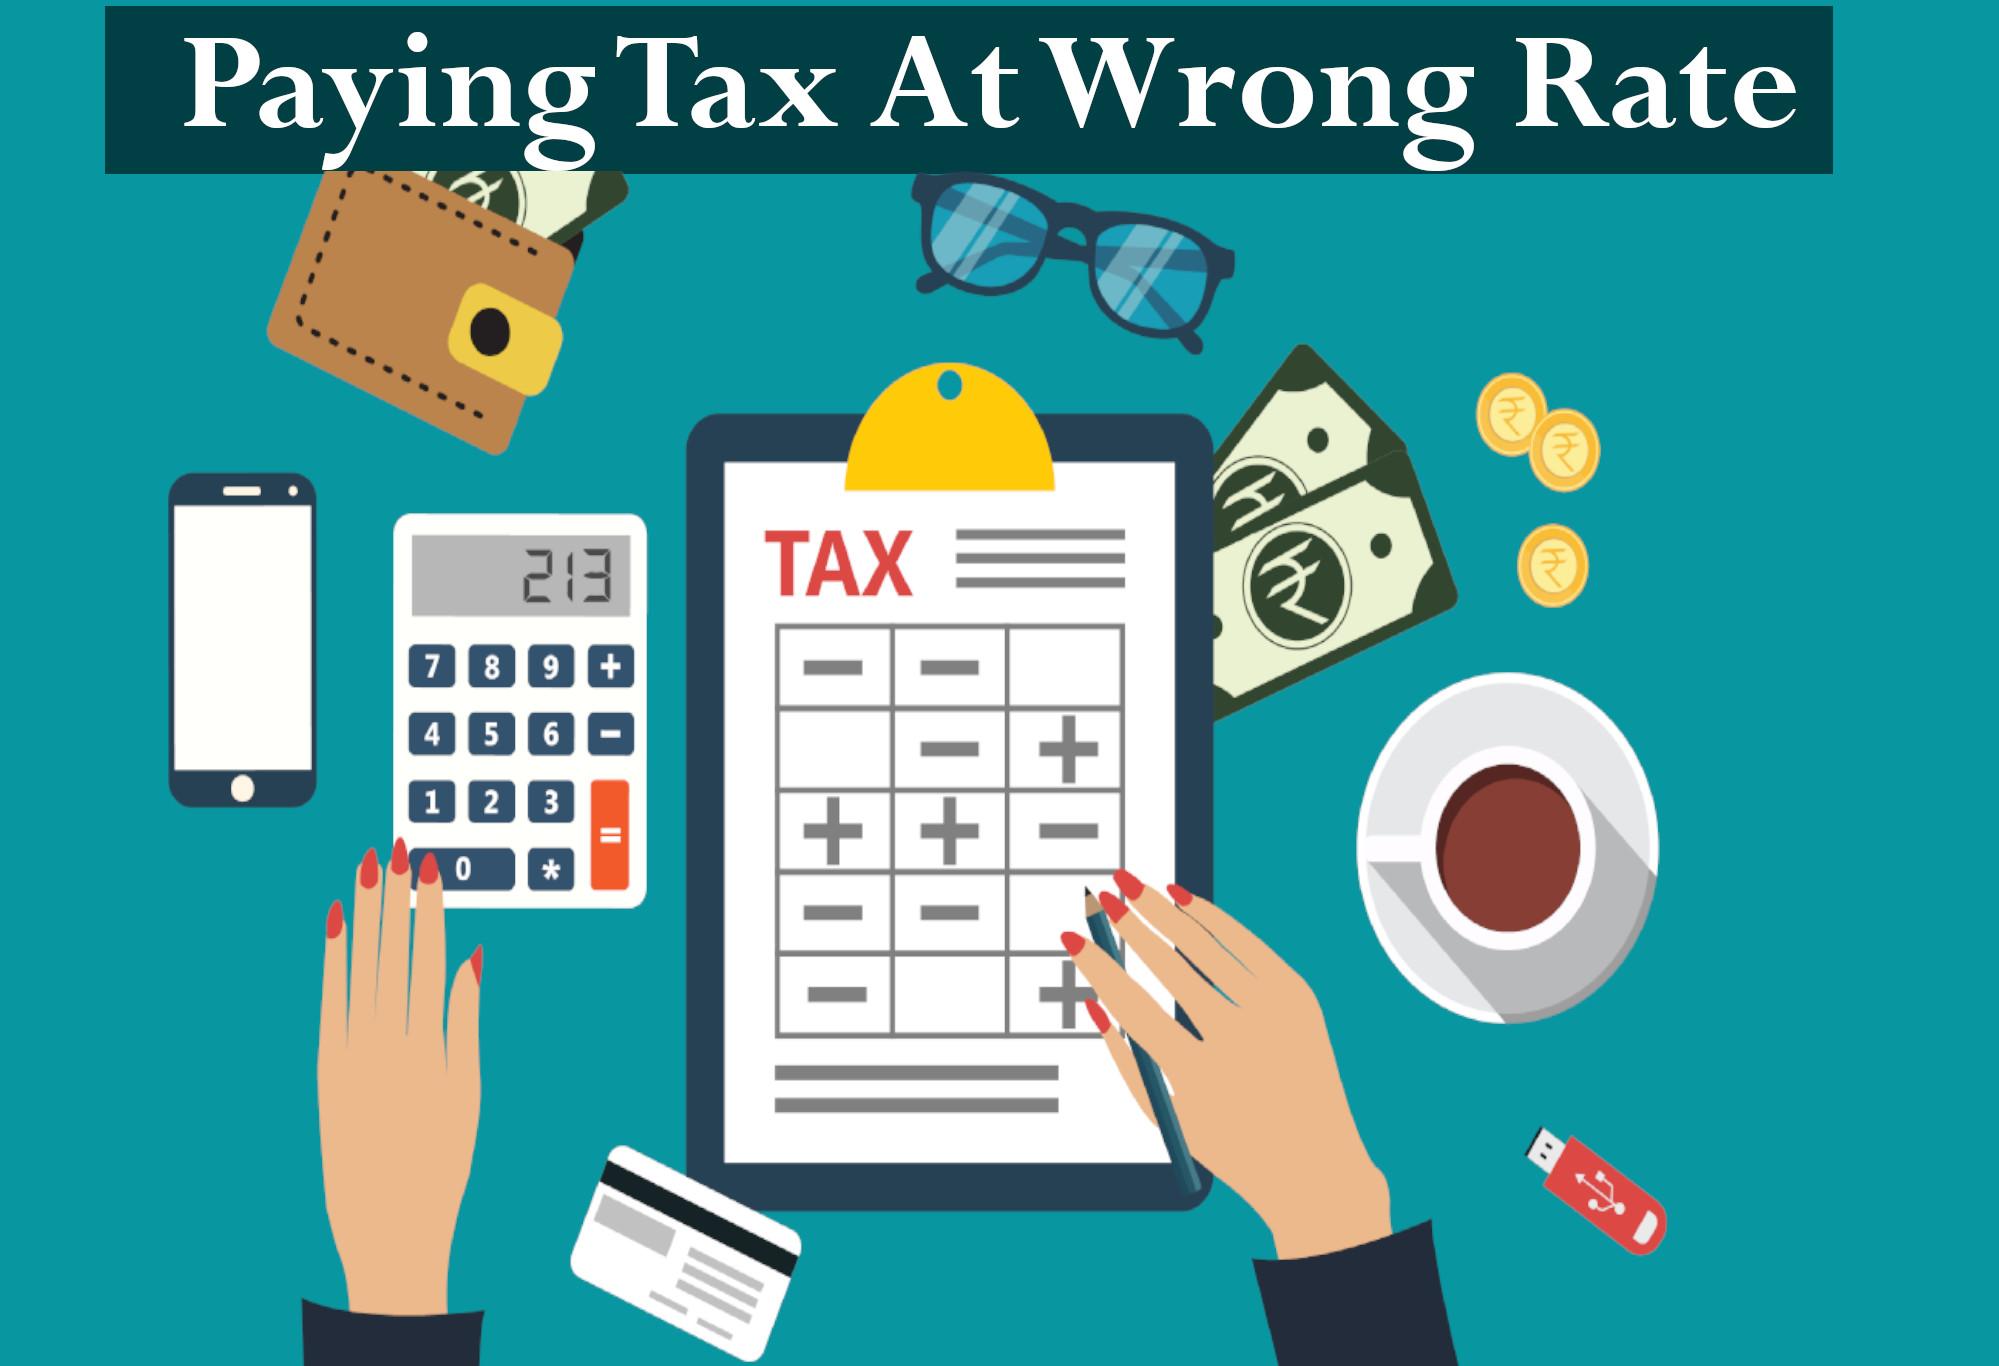 Tax at wrong rate